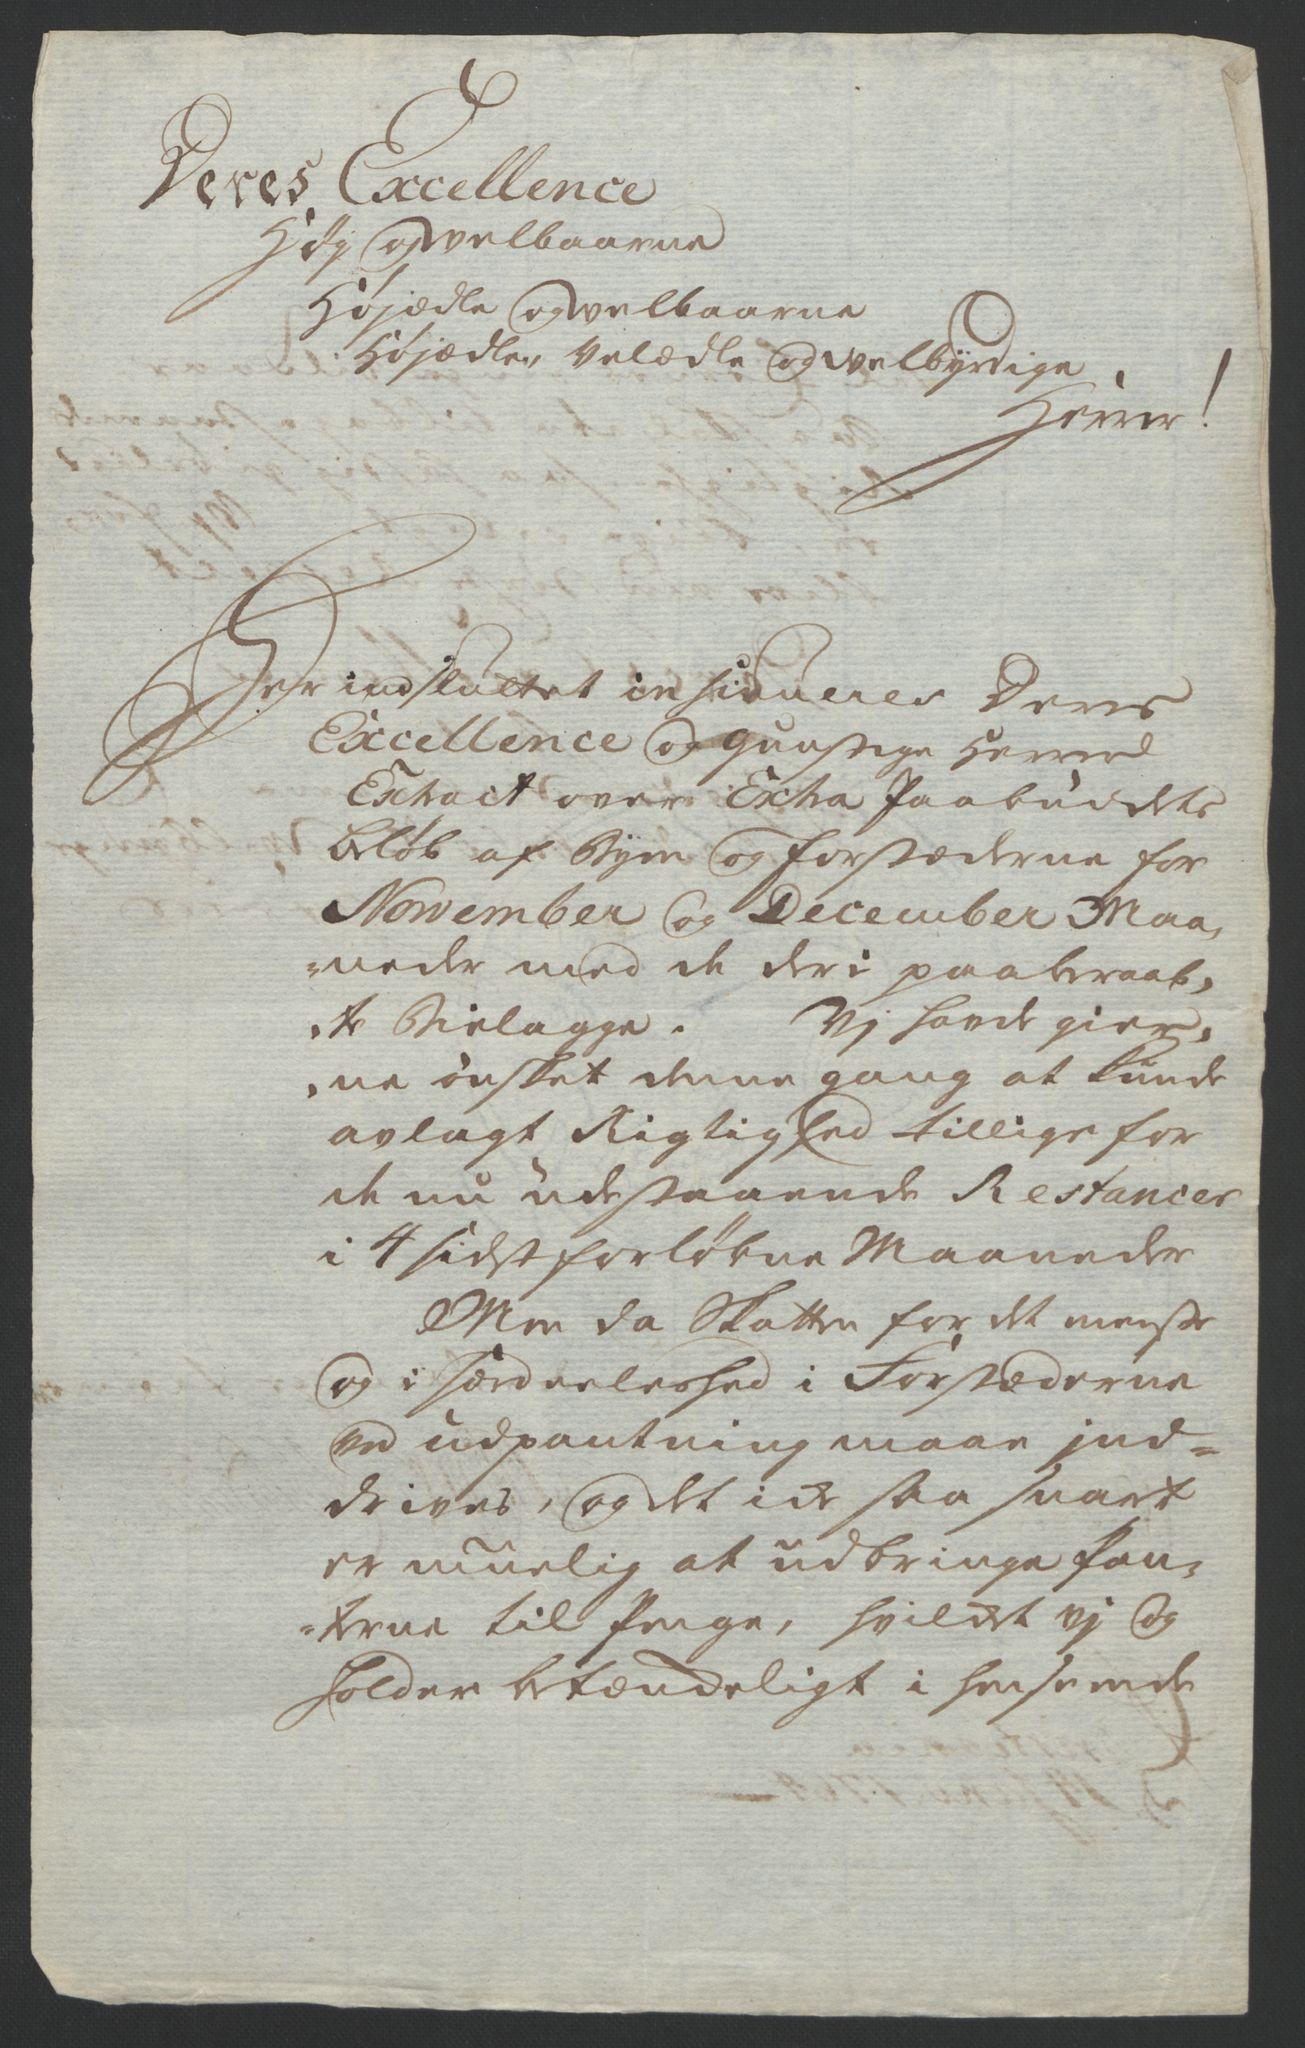 RA, Rentekammeret inntil 1814, Reviderte regnskaper, Byregnskaper, R/Re/L0072: [E13] Kontribusjonsregnskap, 1763-1764, s. 454